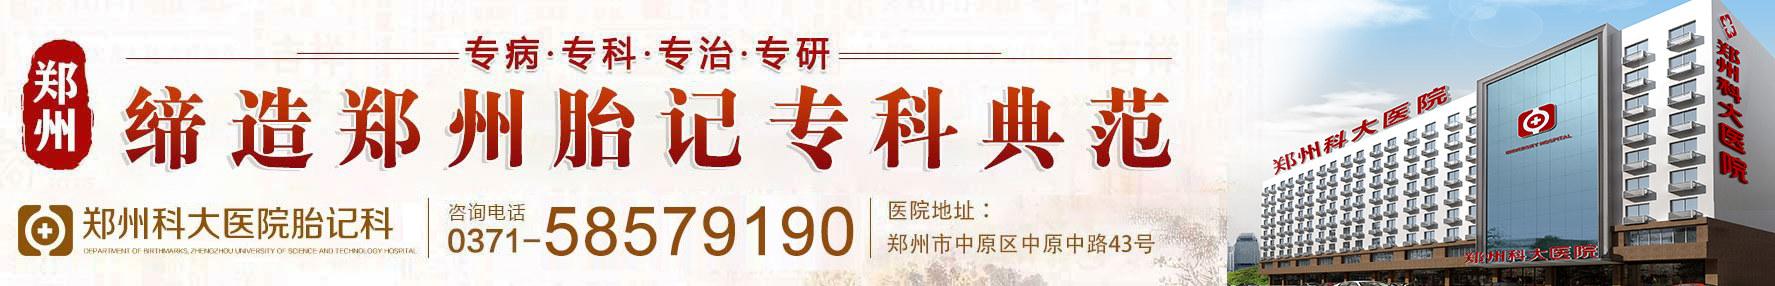 郑州胎记医院